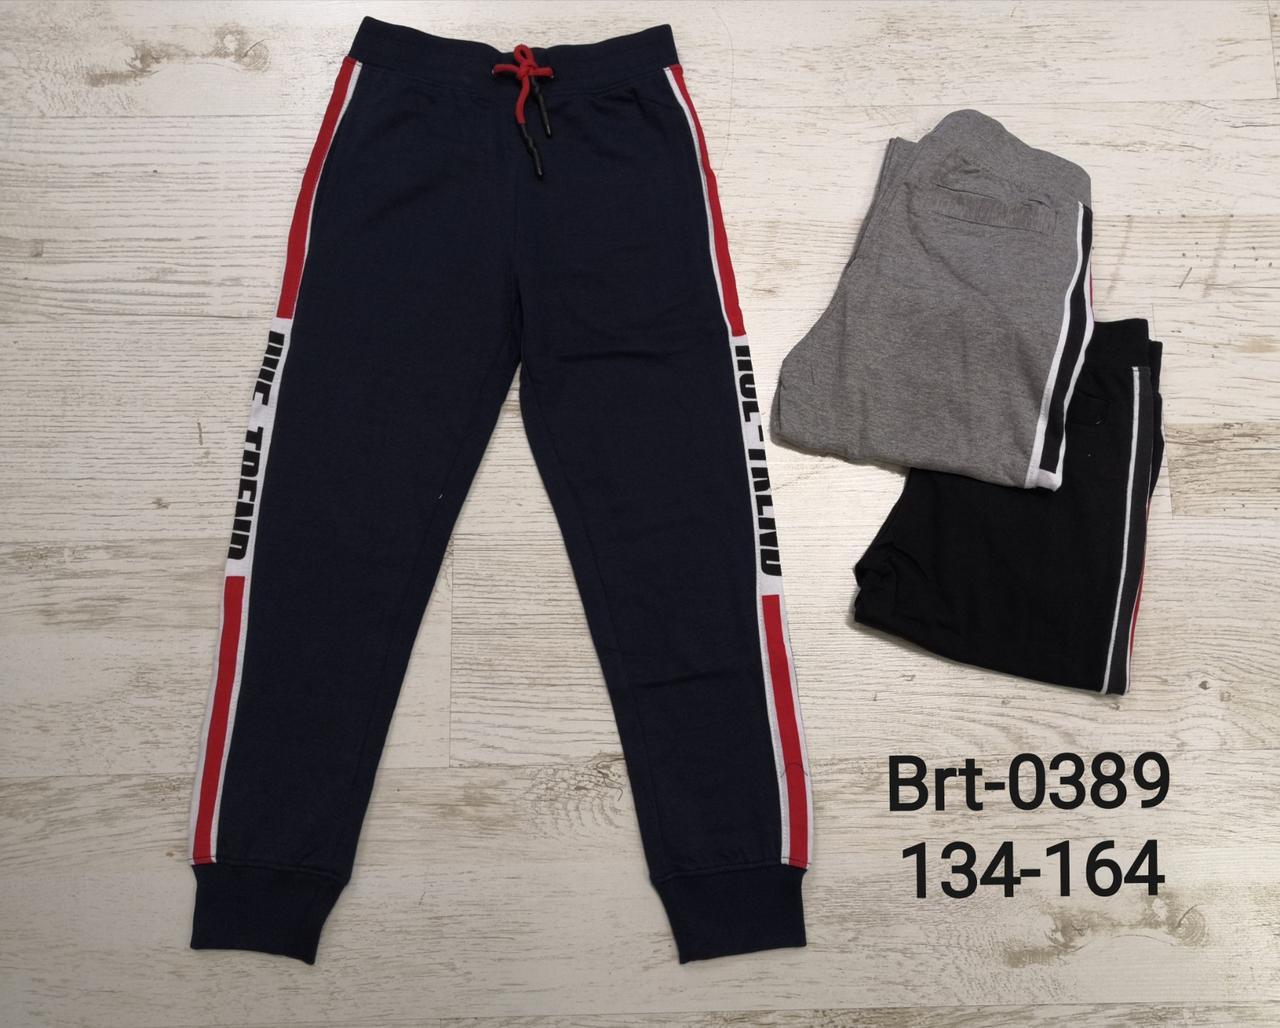 Штаны спортивные для мальчиков оптом, Glo-story, размеры 134-164, арт. BRT-0389